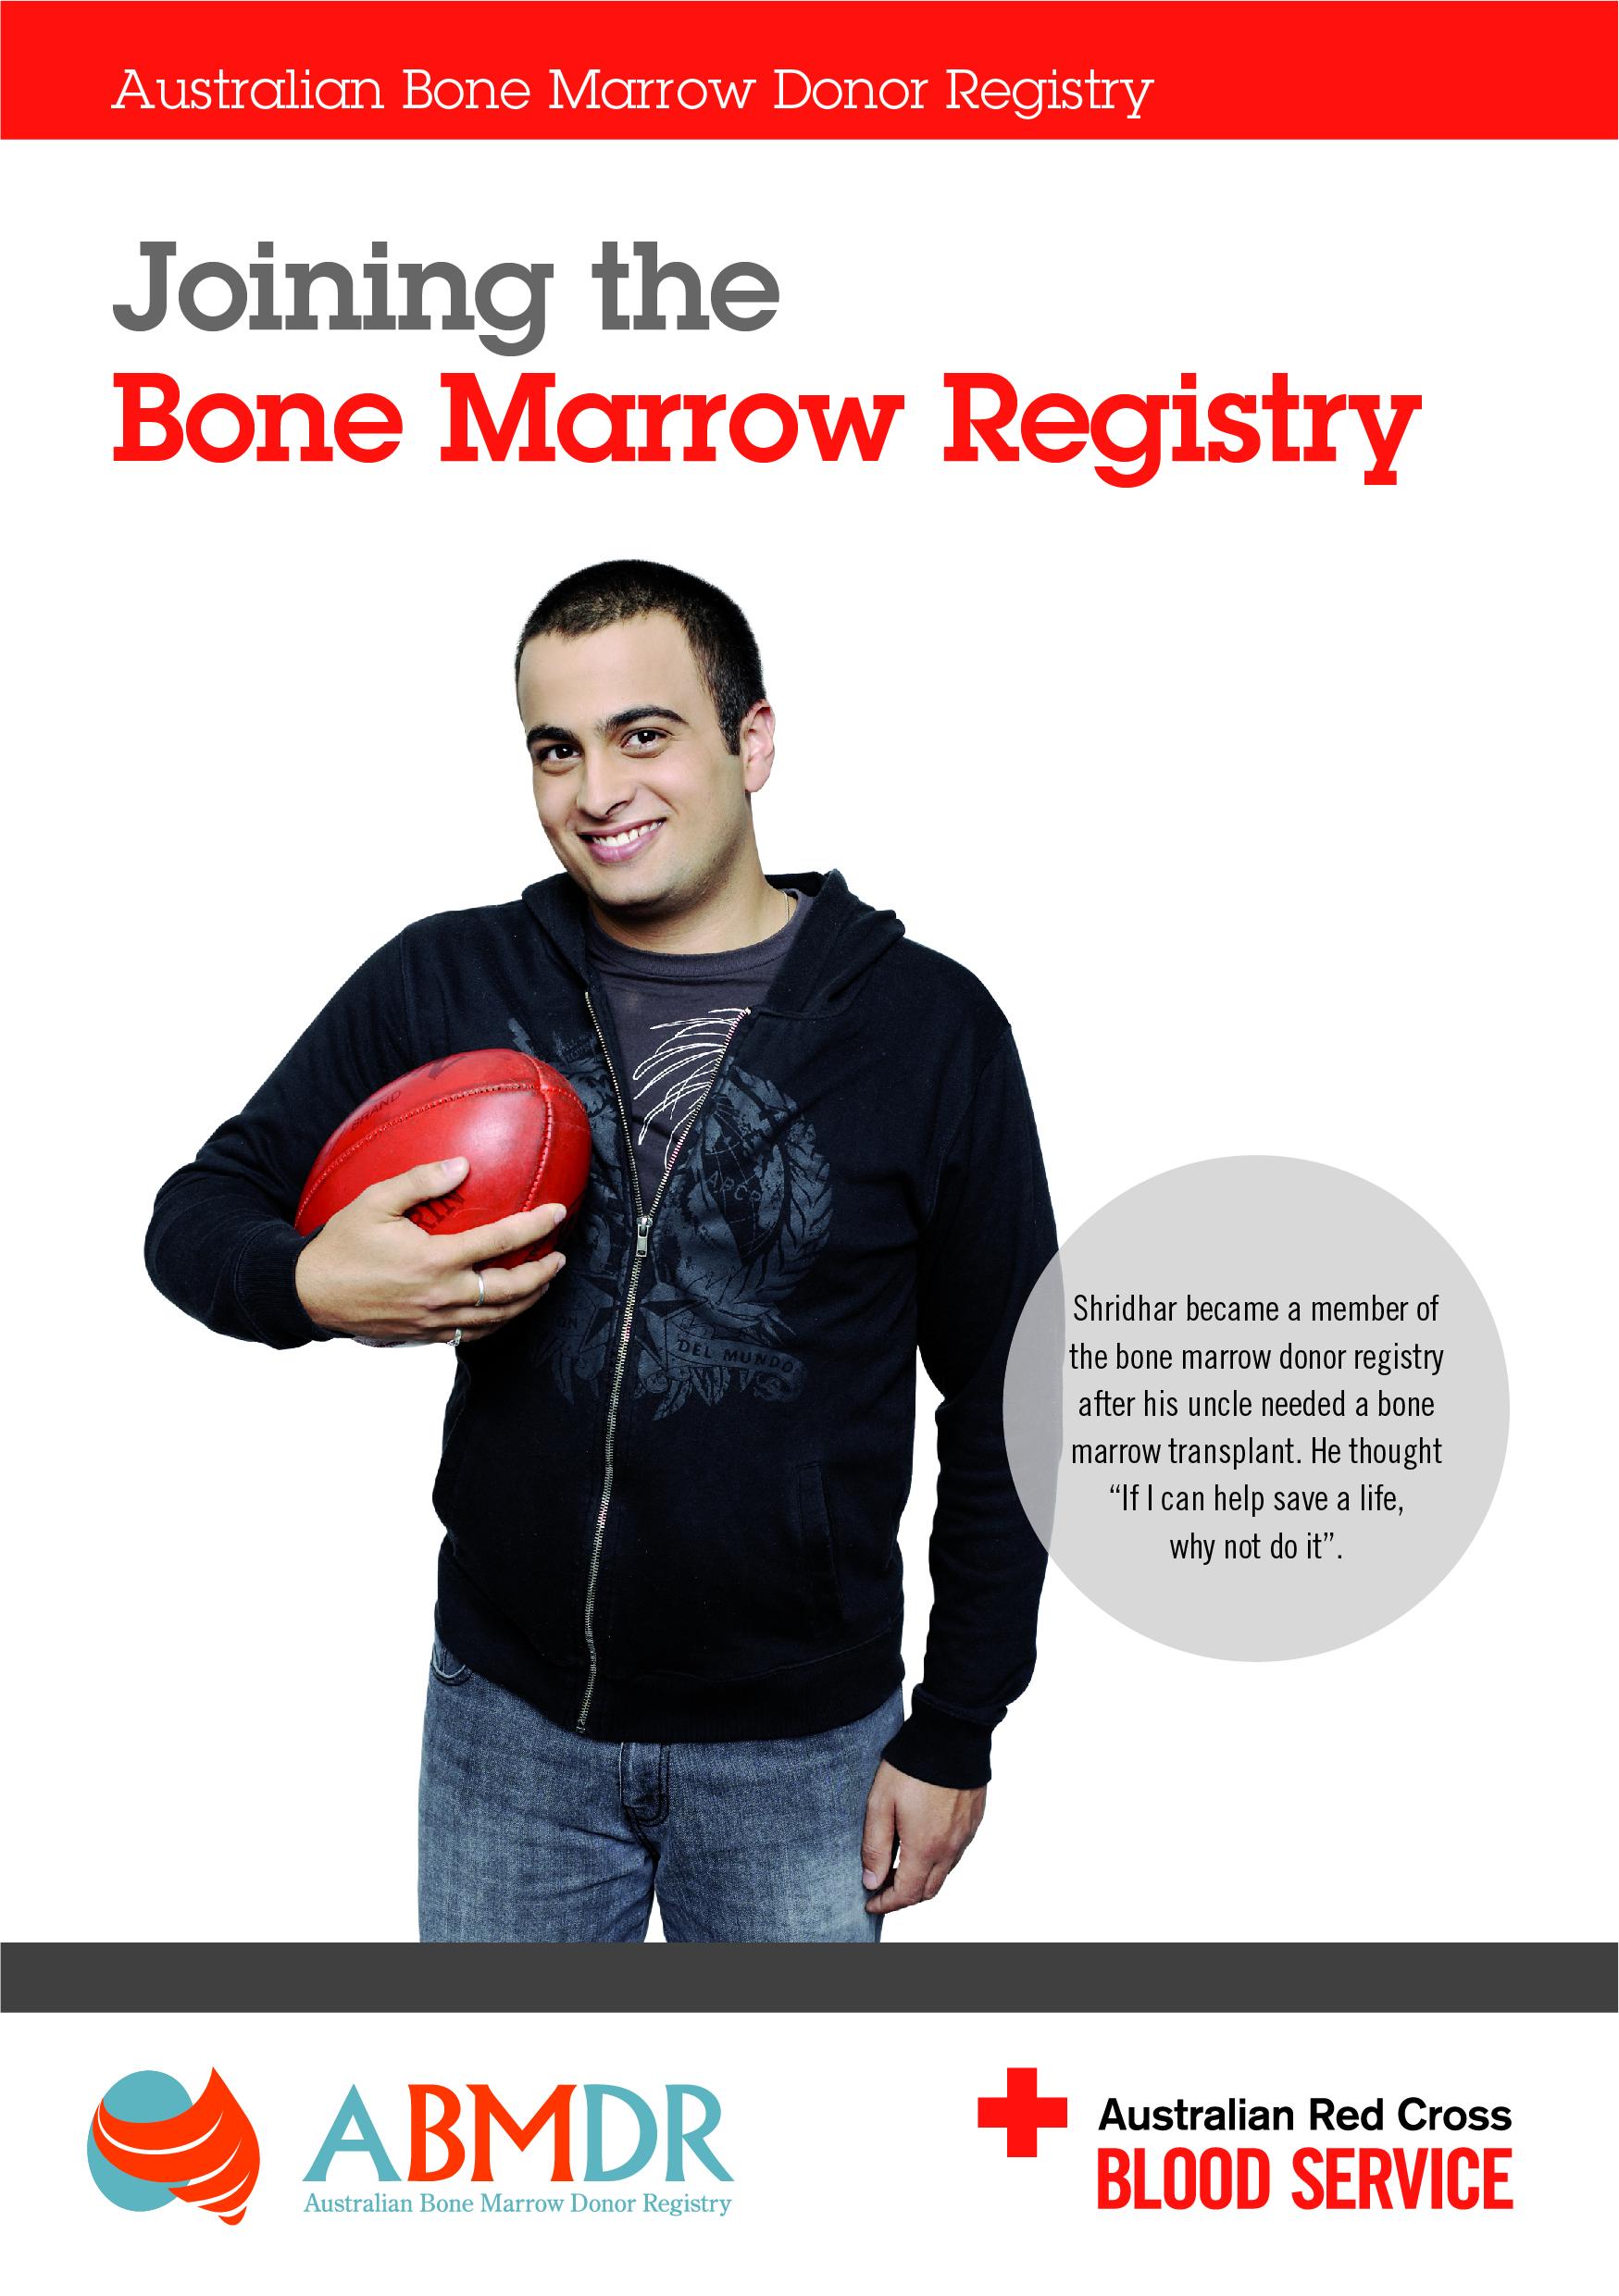 Australian Bone Marrow Donor Registry brochure_Joining the Bone Marrow Registry-01.jpg